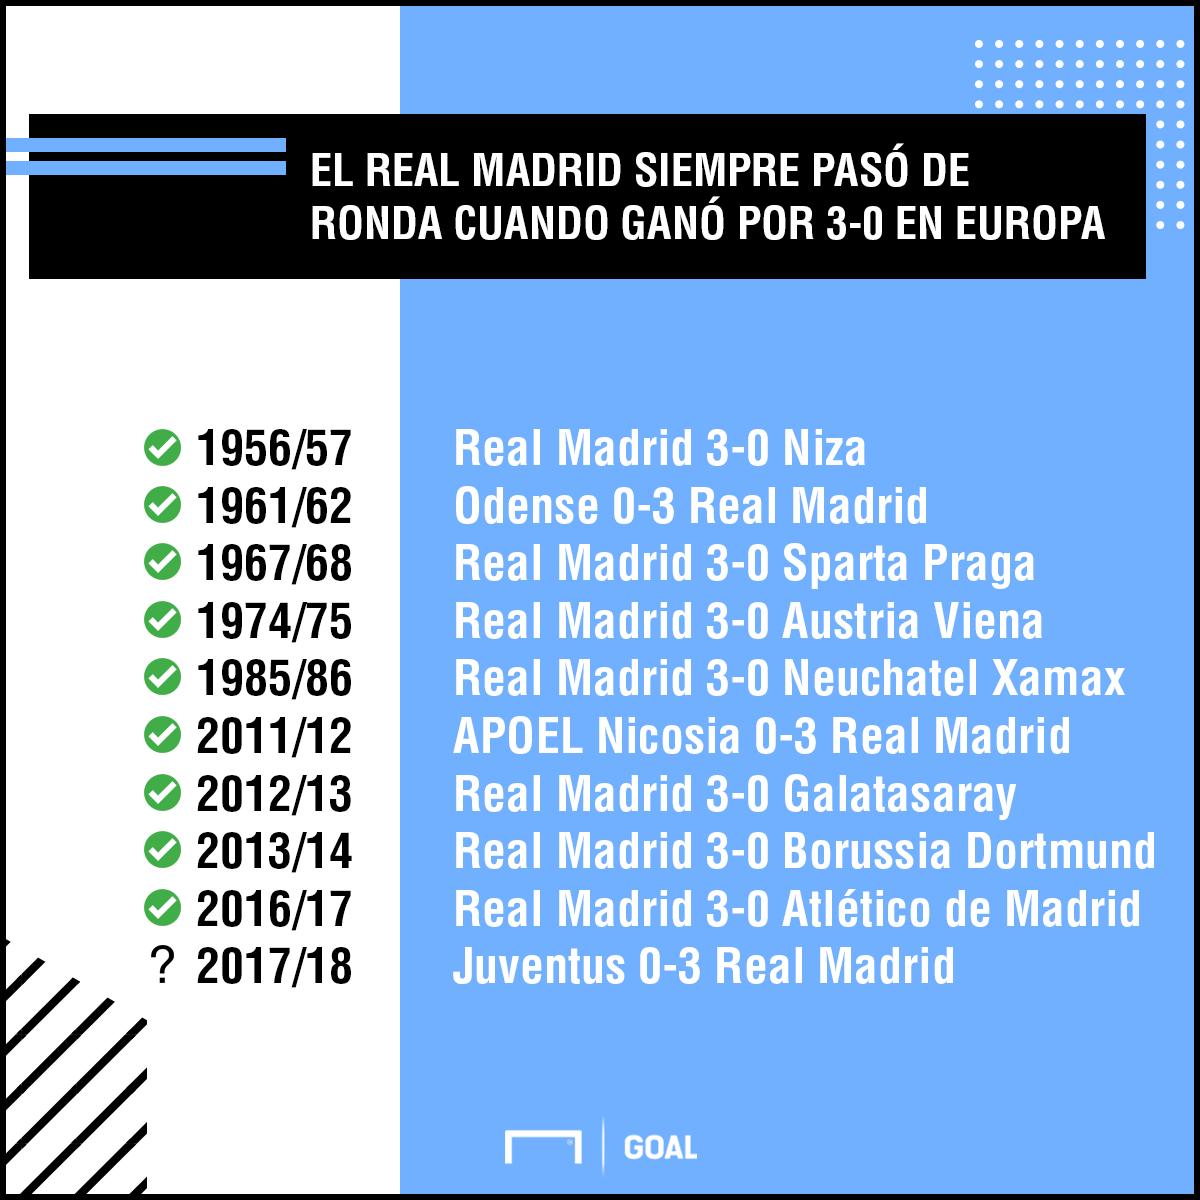 Real Madrid 3-0